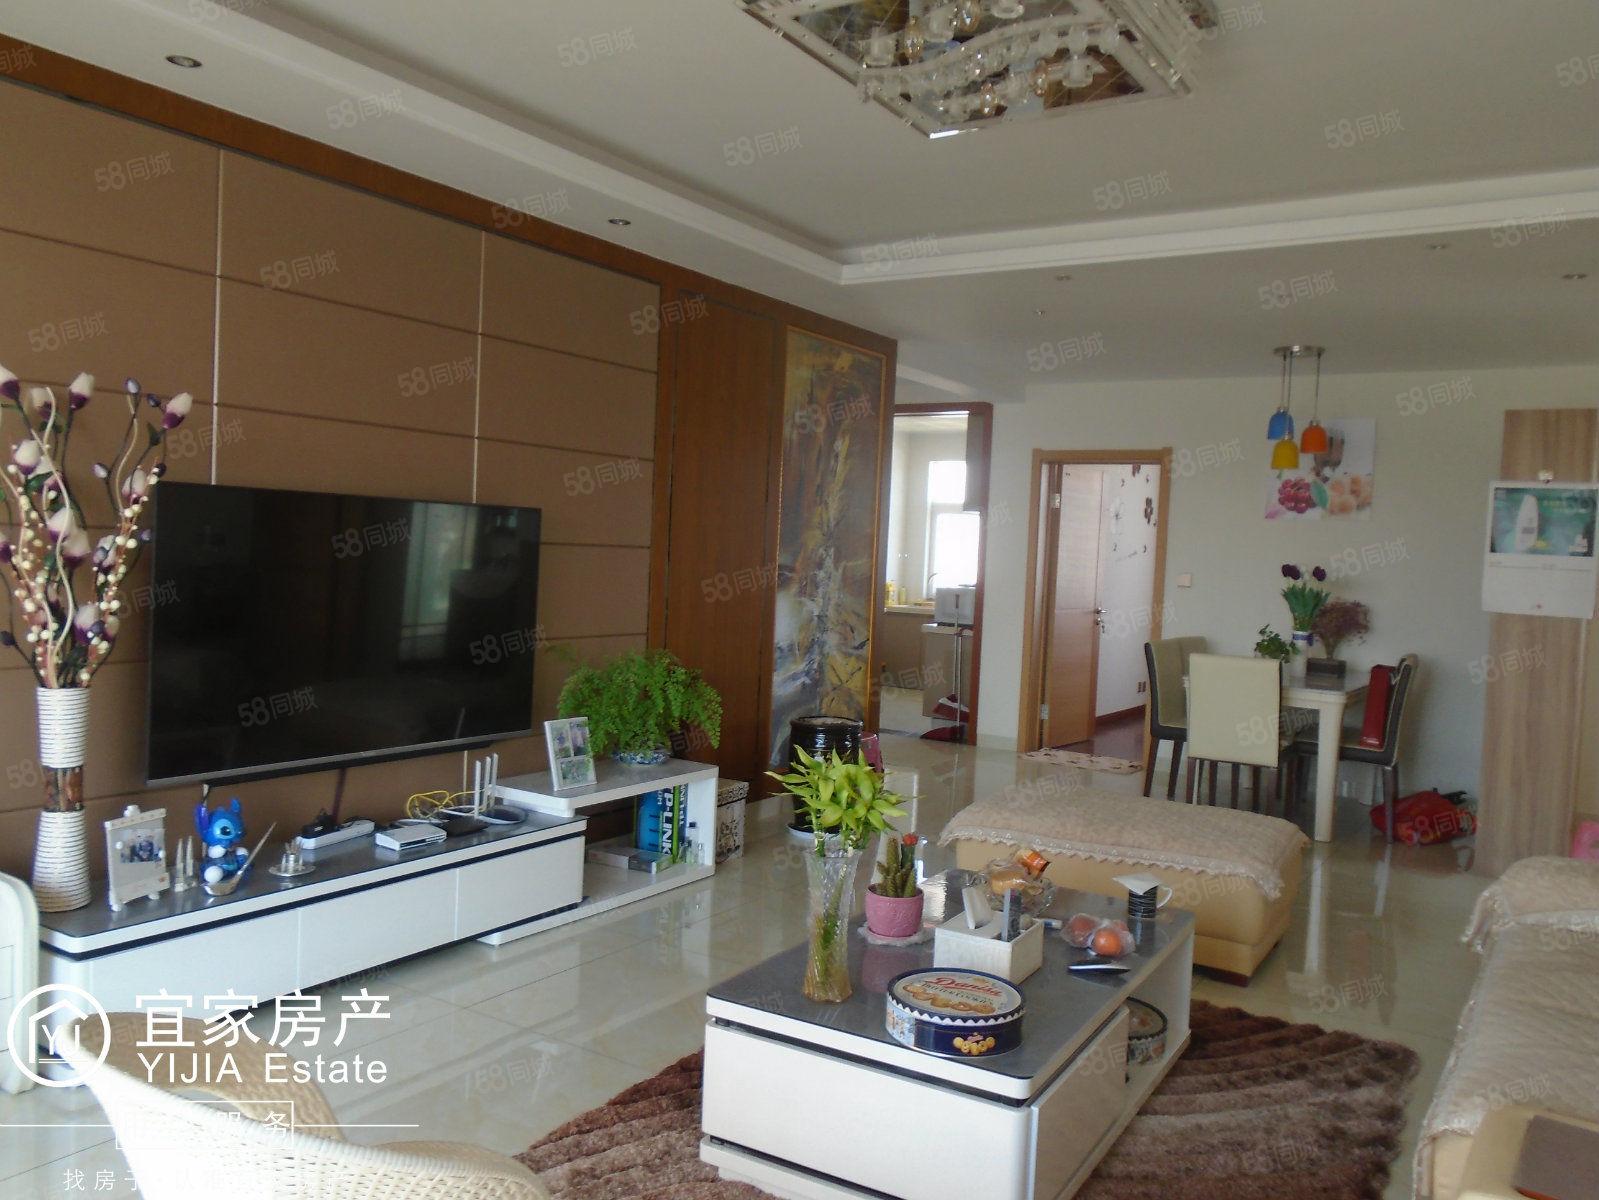 玉溪二小区,139平米超好户型,豪华装修带家电家具带车位金沙官方平台